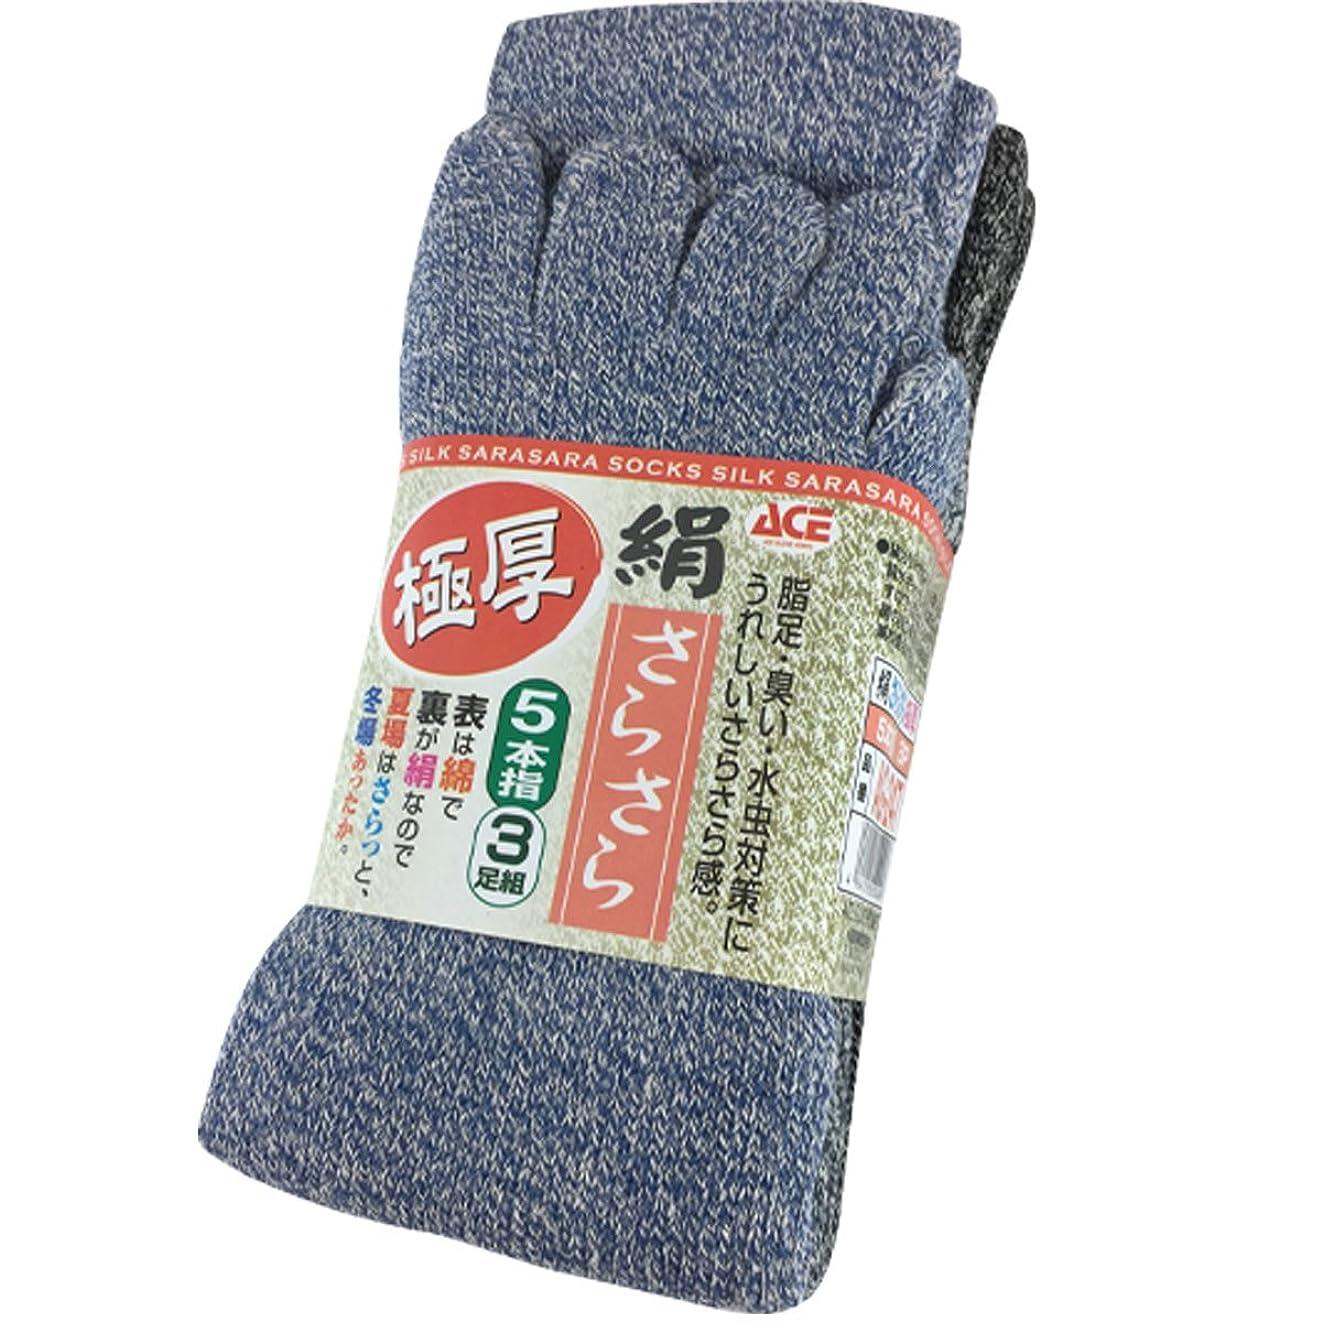 【エースグローブ】 絹極厚サラサラソックス 5本指 3足組 AG247